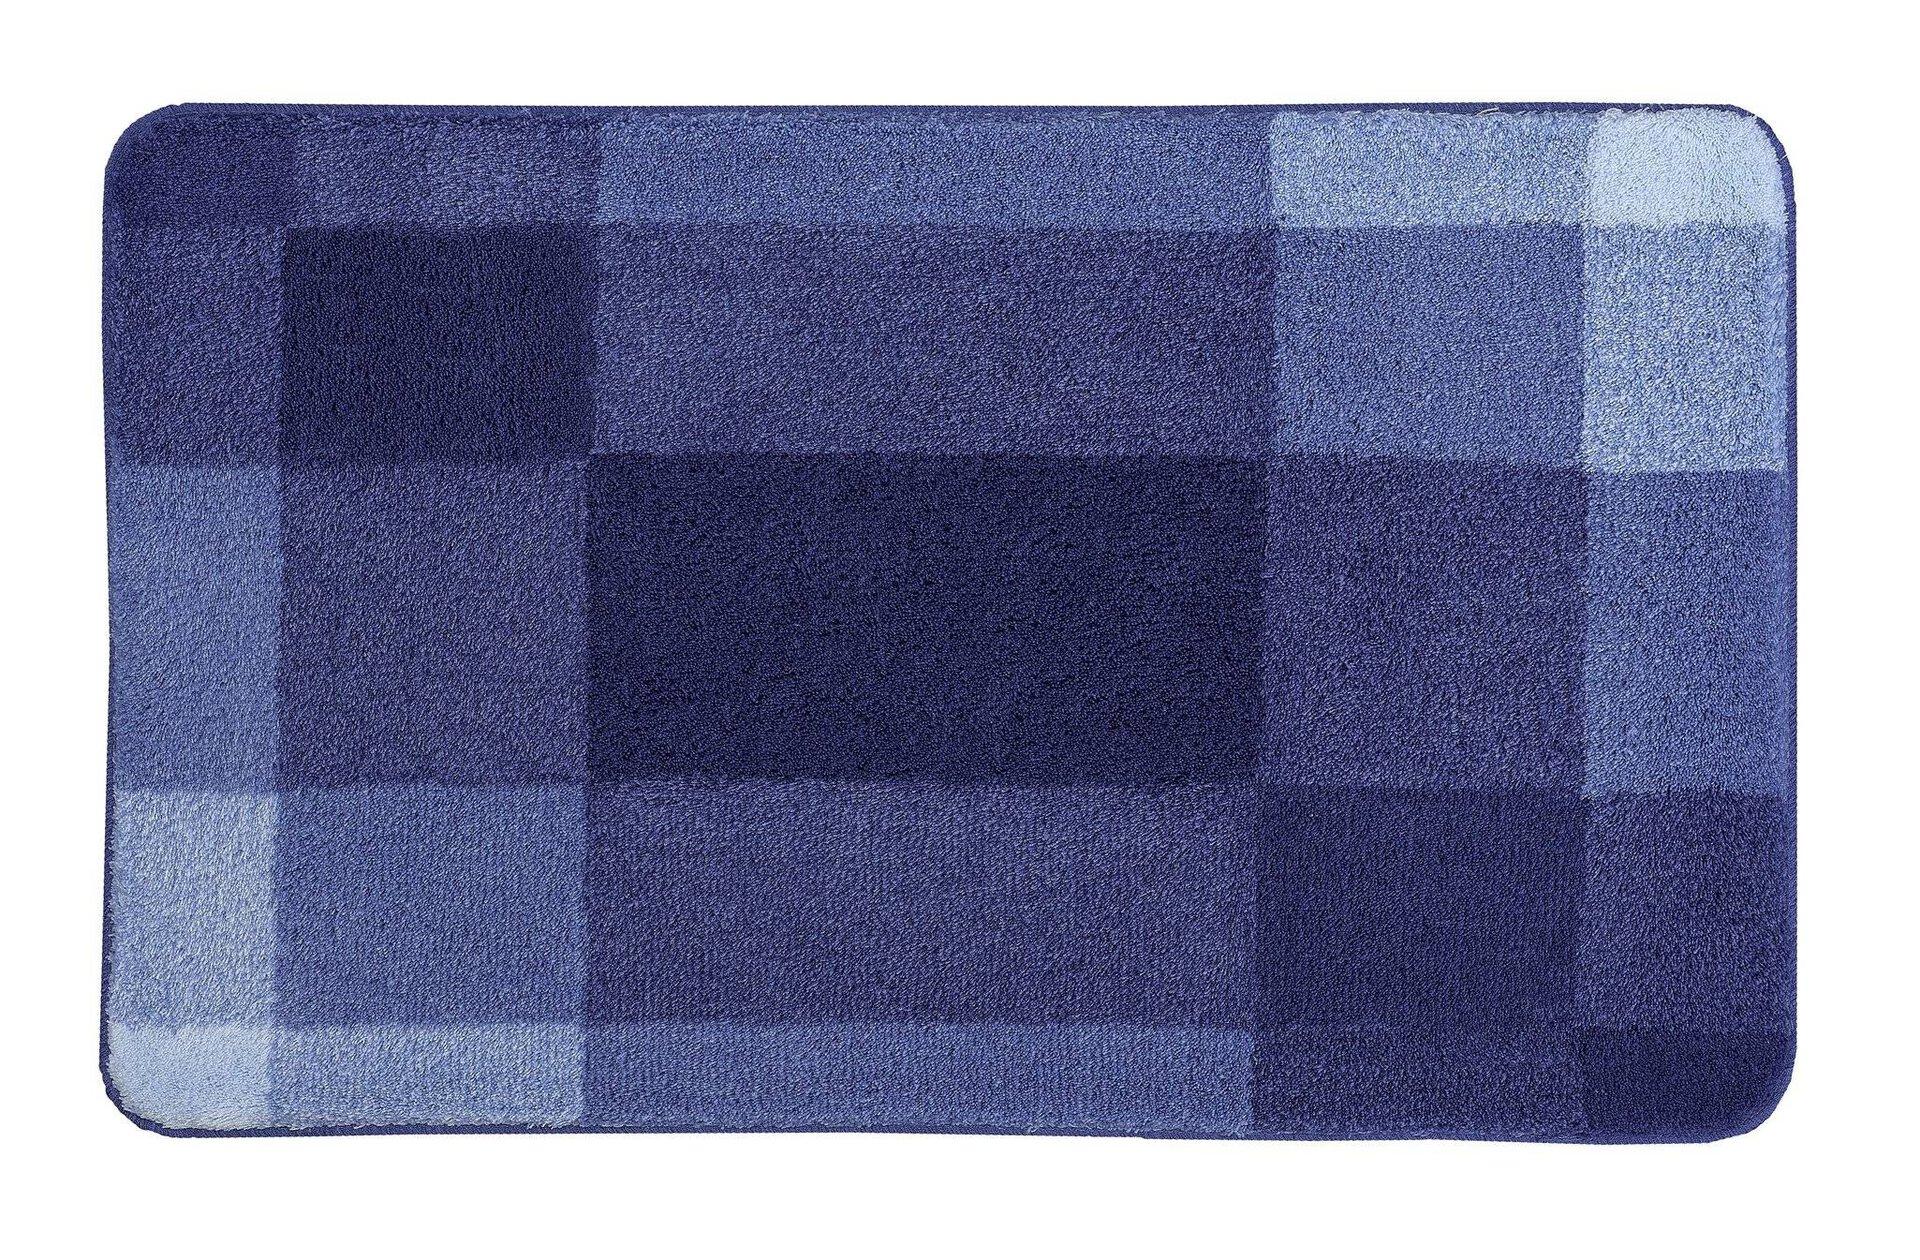 Badteppich Mix Kleine Wolke Textil 100 x 2 x 60 cm